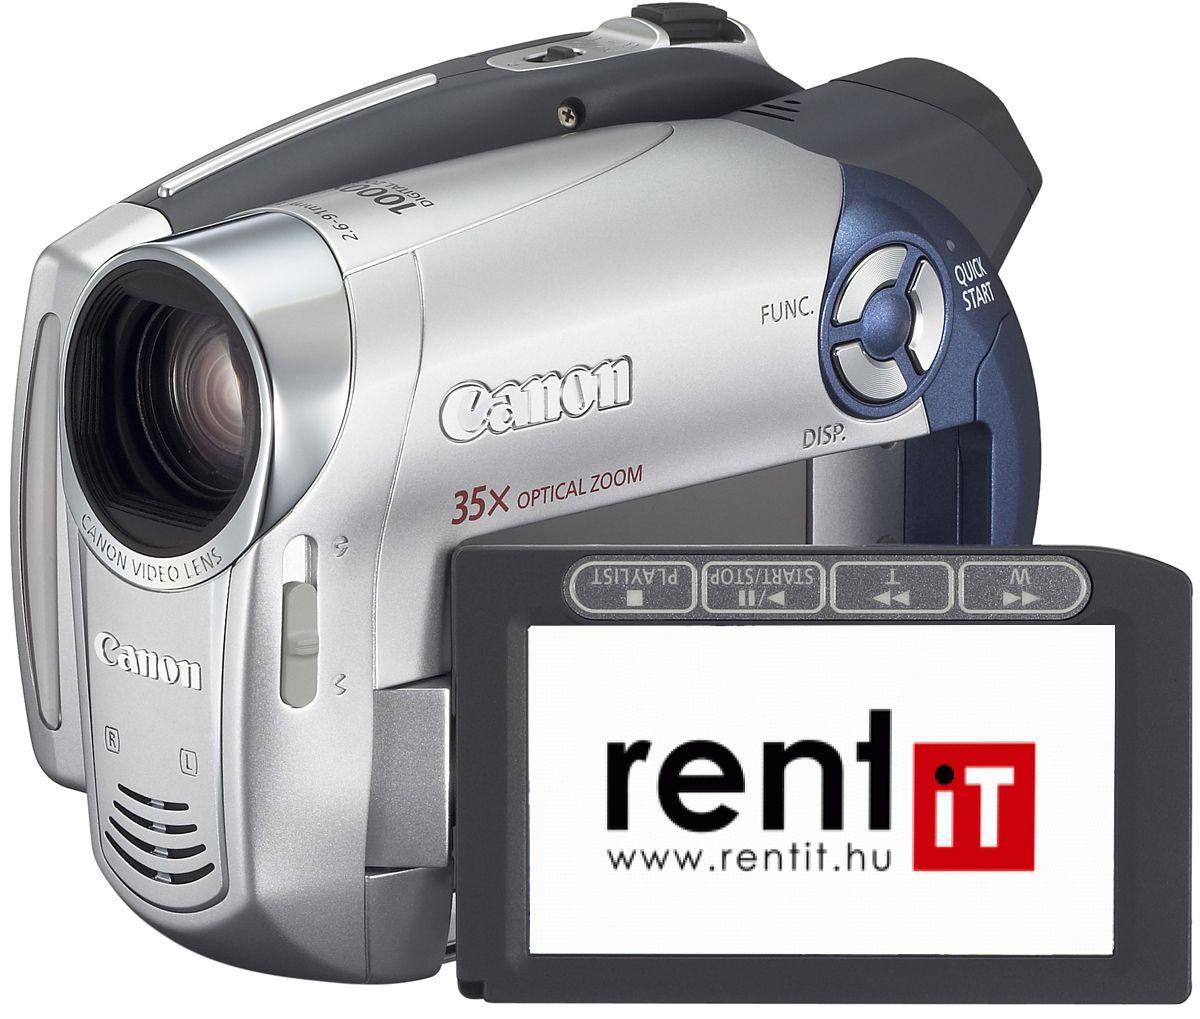 Canon DC220 DVD-RW videokamera bérlés, bérbeadás